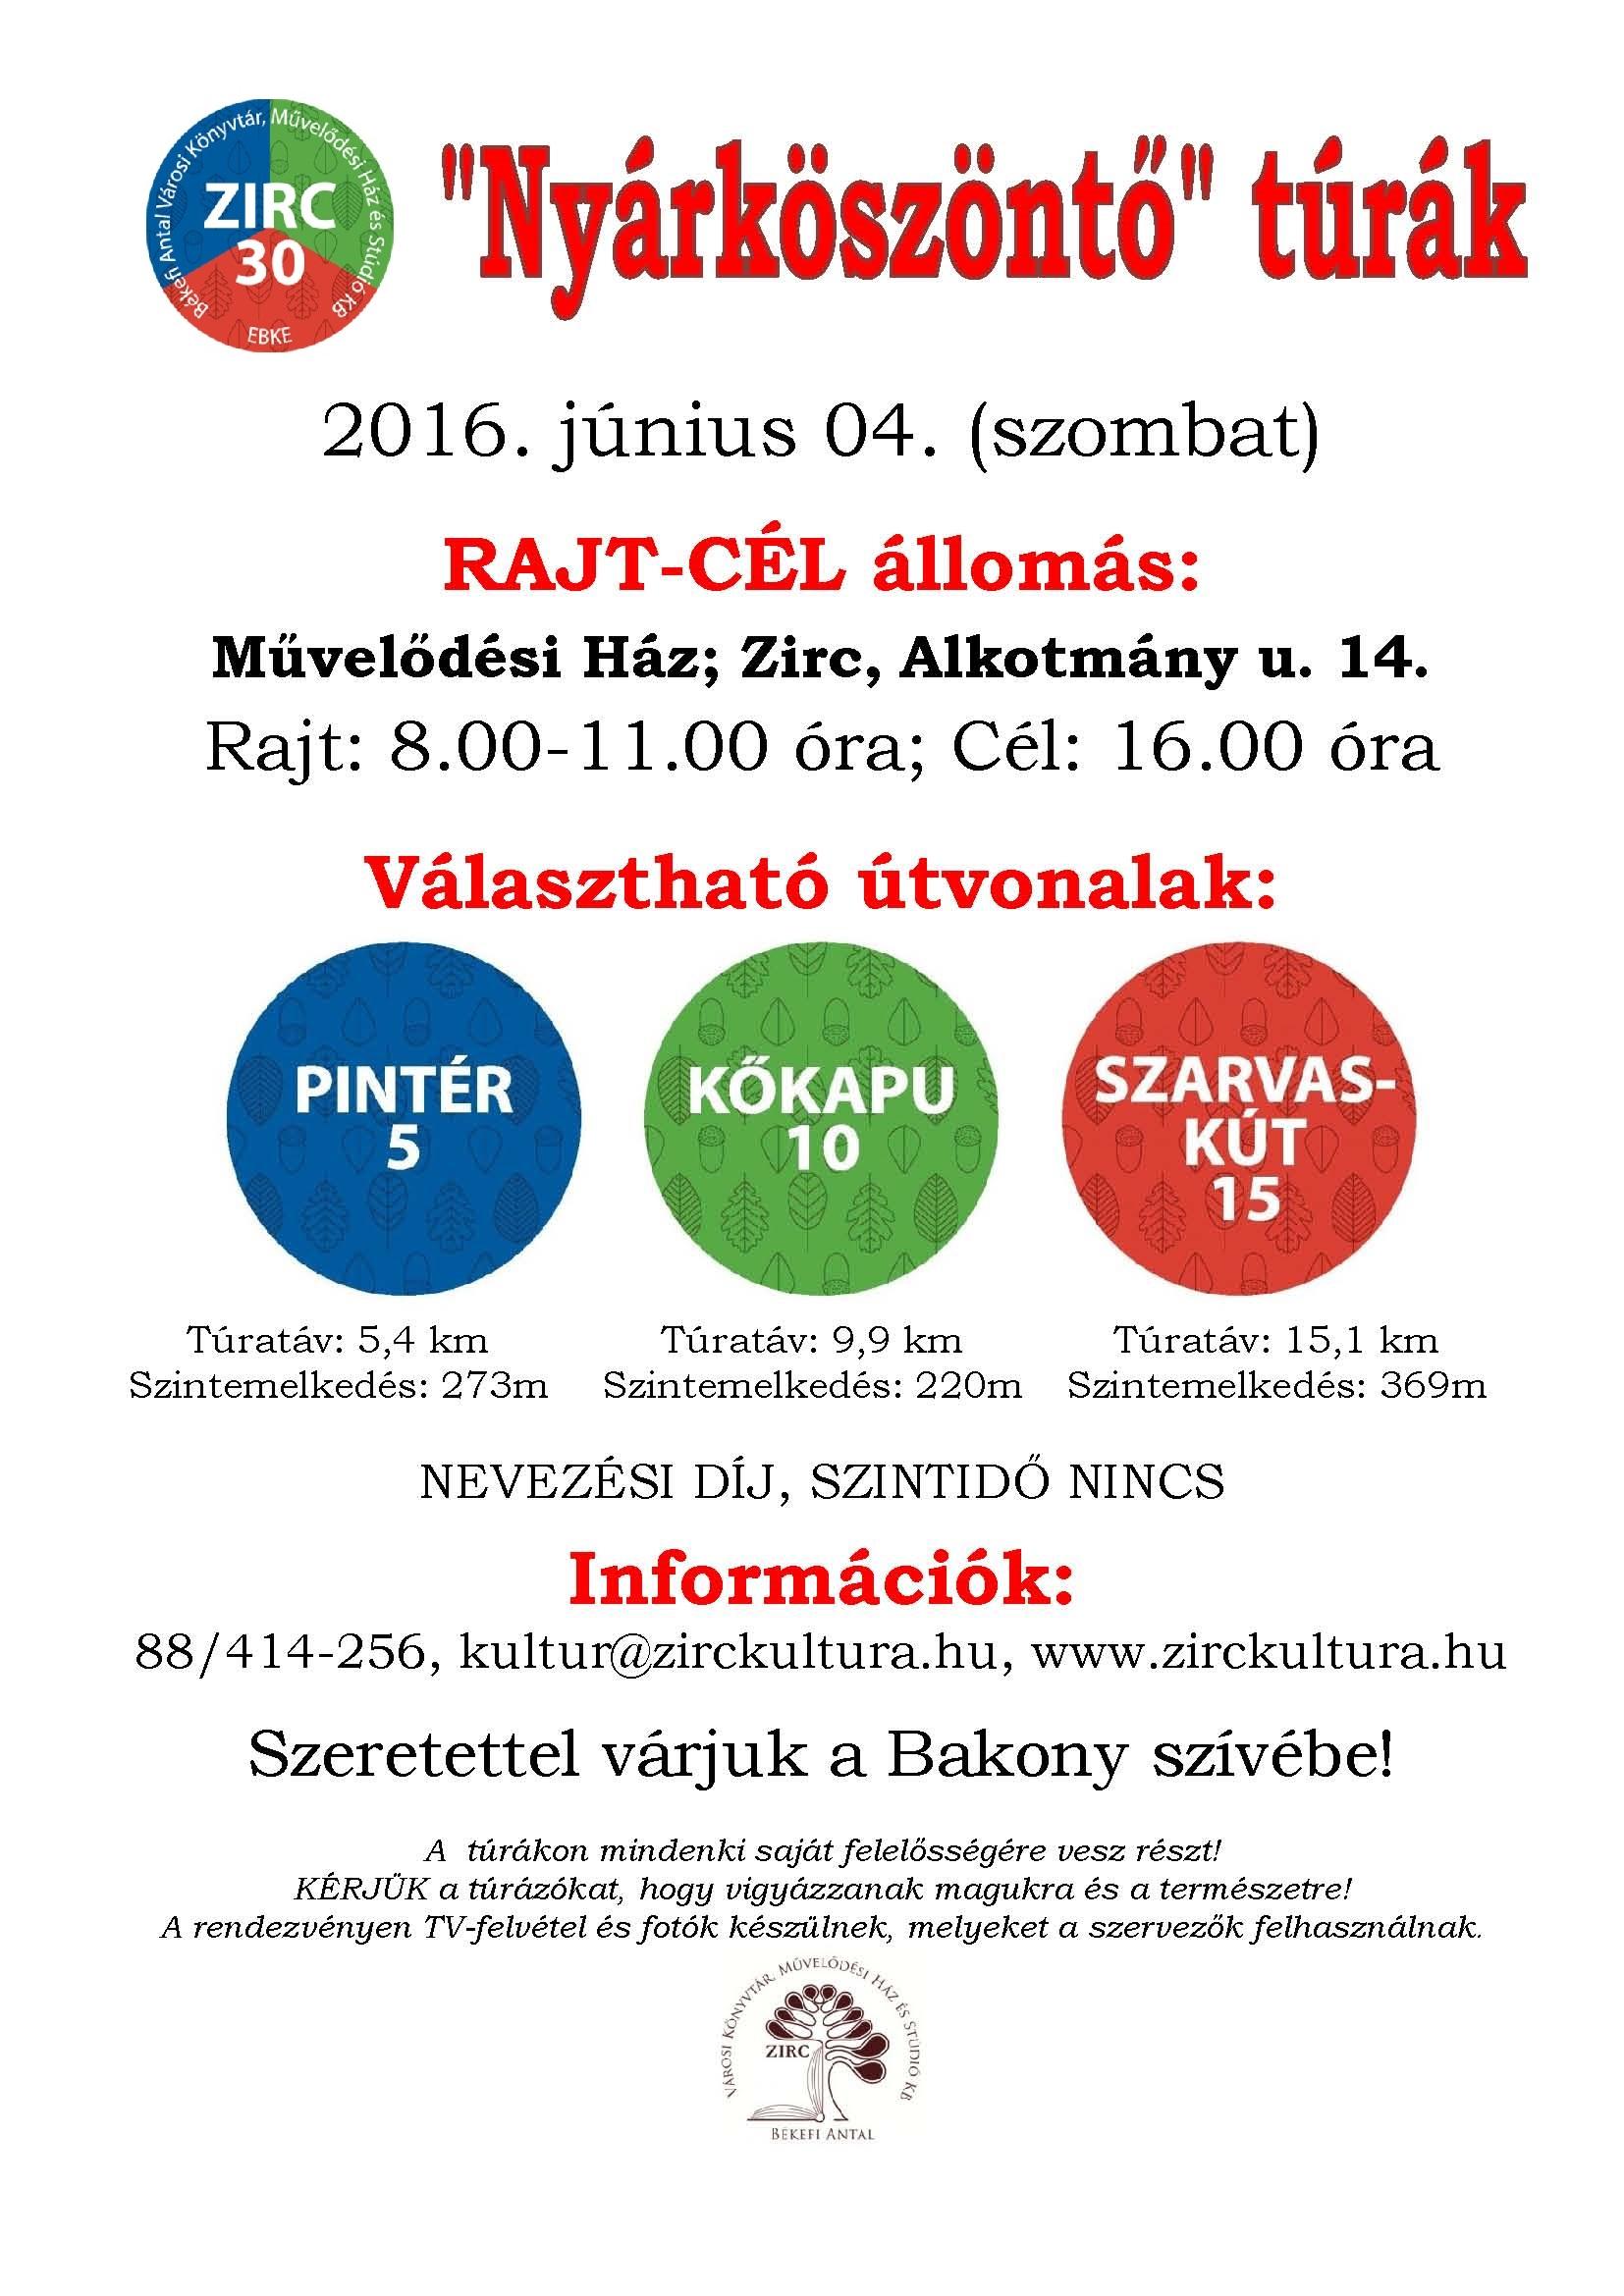 2016-06-04_zirc30-nyarkoszonto_turak.jpg